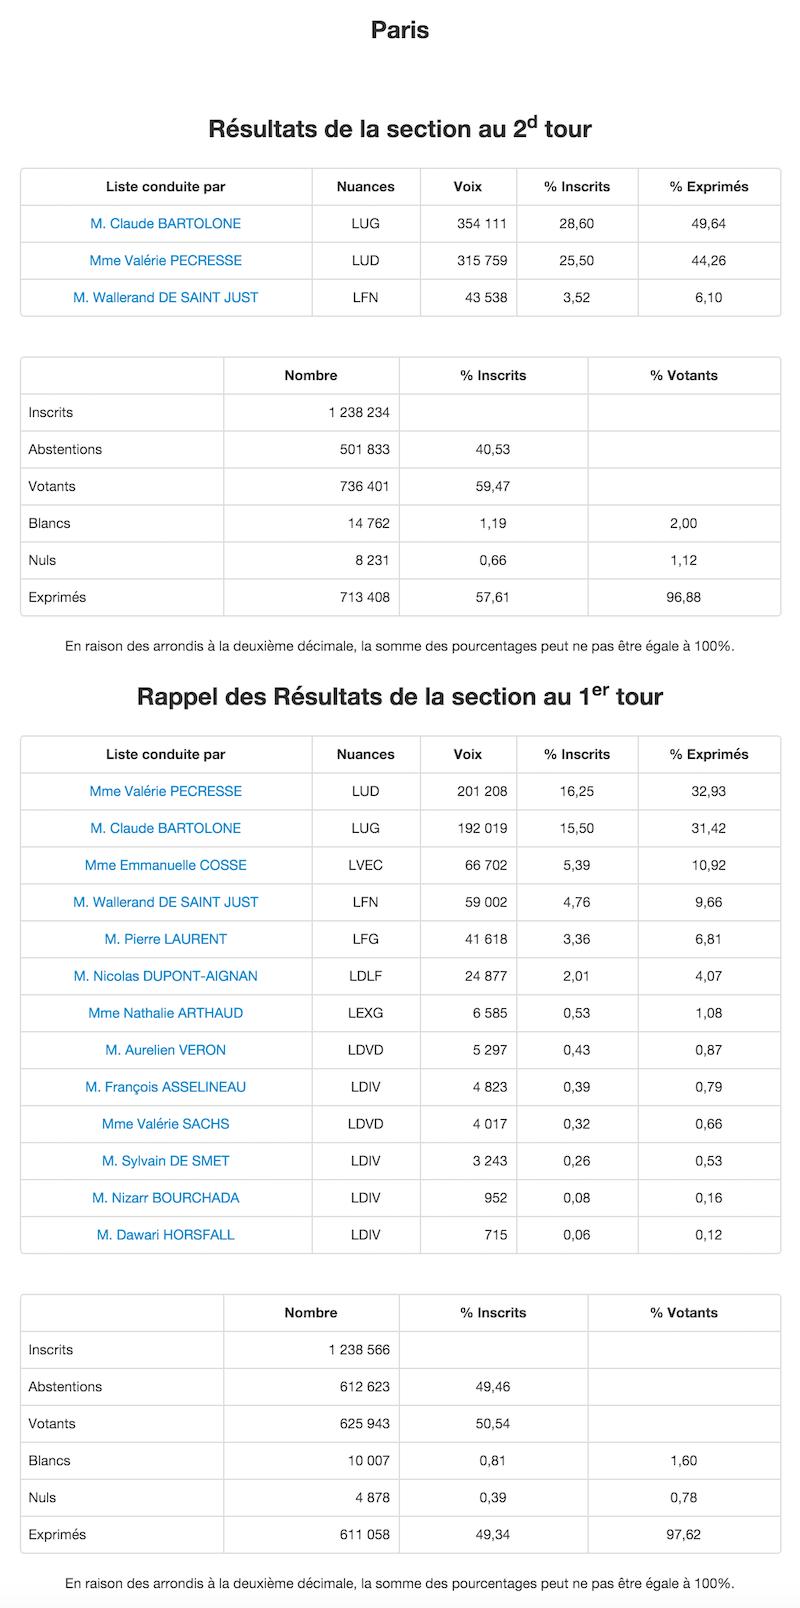 Régionales 2015 et 2010 dans le 5e arrondissement de Paris